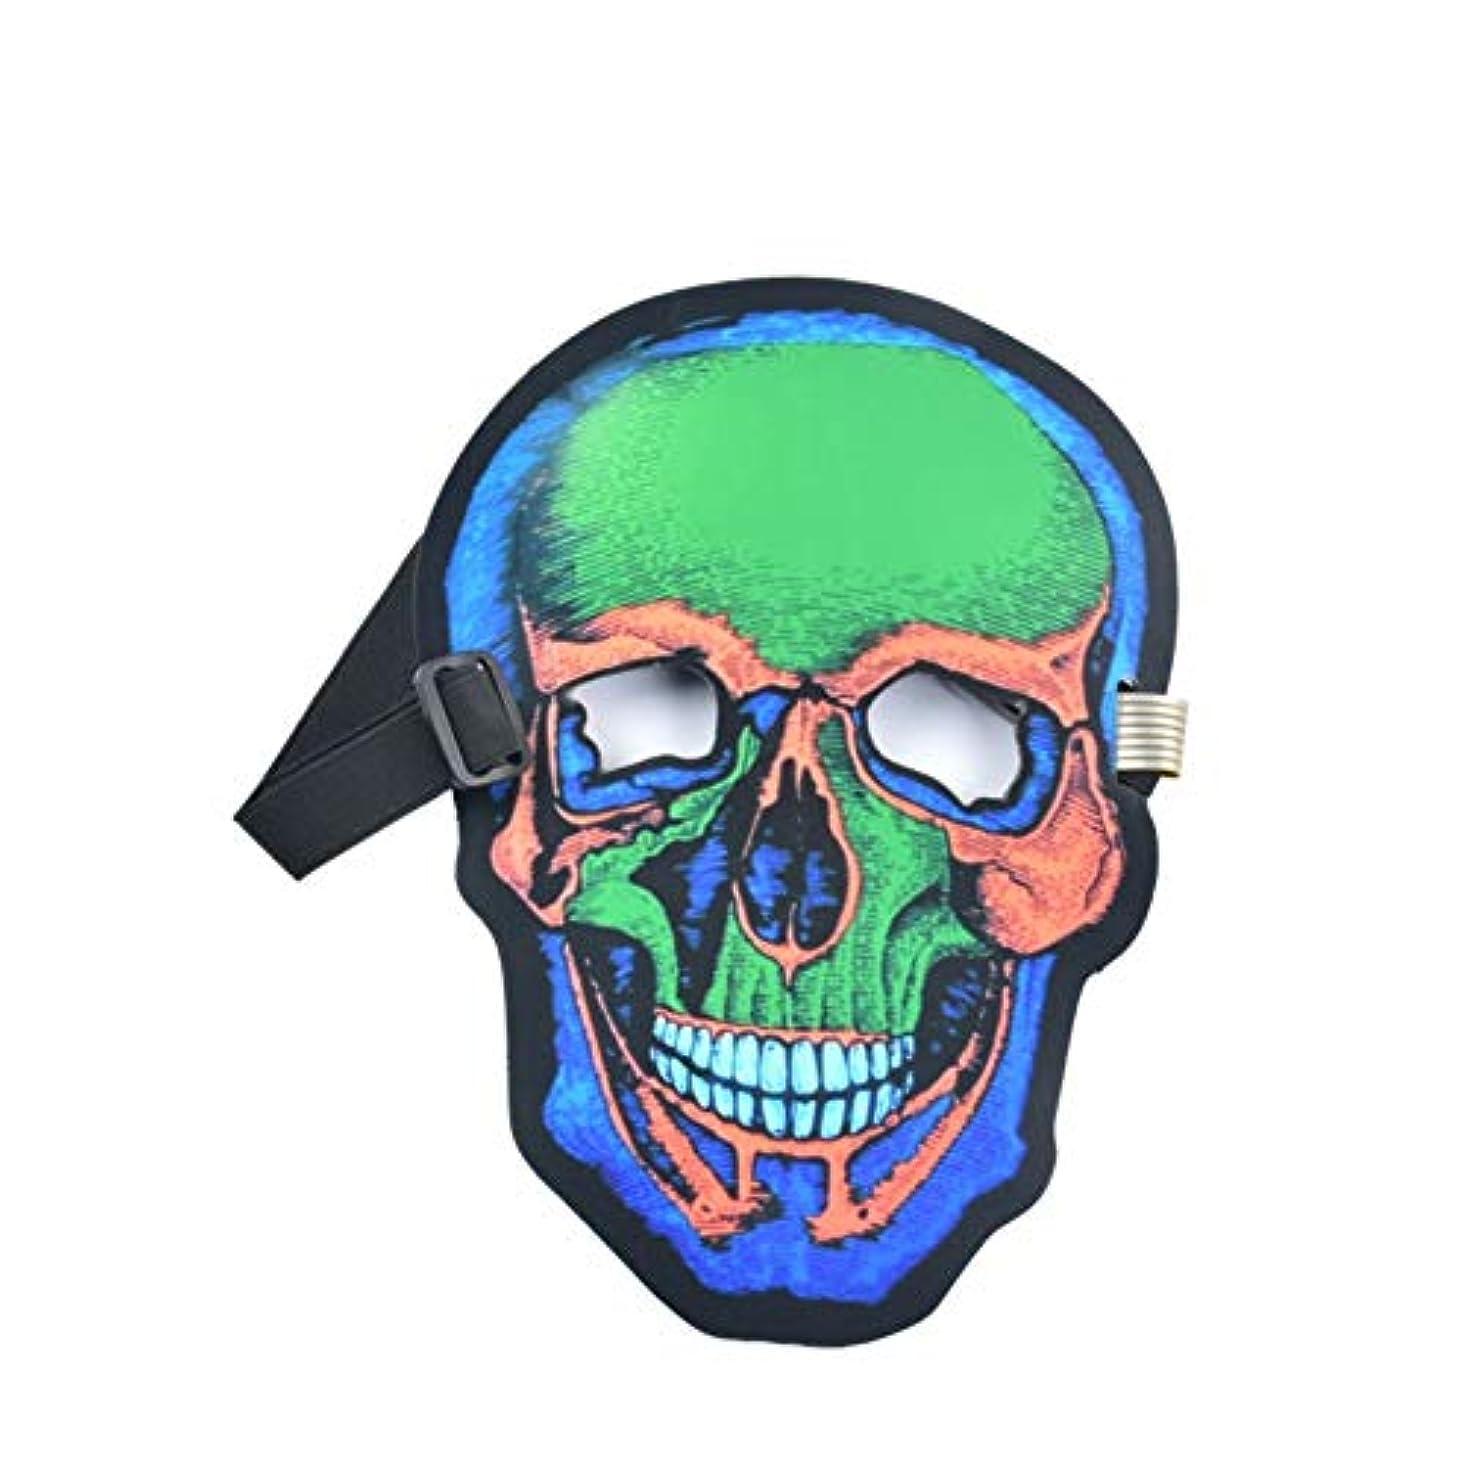 二次実行する相関するEsolom ハロウィンドレスアップ どくろ頭 音声制御マスク 音作動LED照明マスク ウサギのデザイン ハロウィンマスク DJミュージックマスク